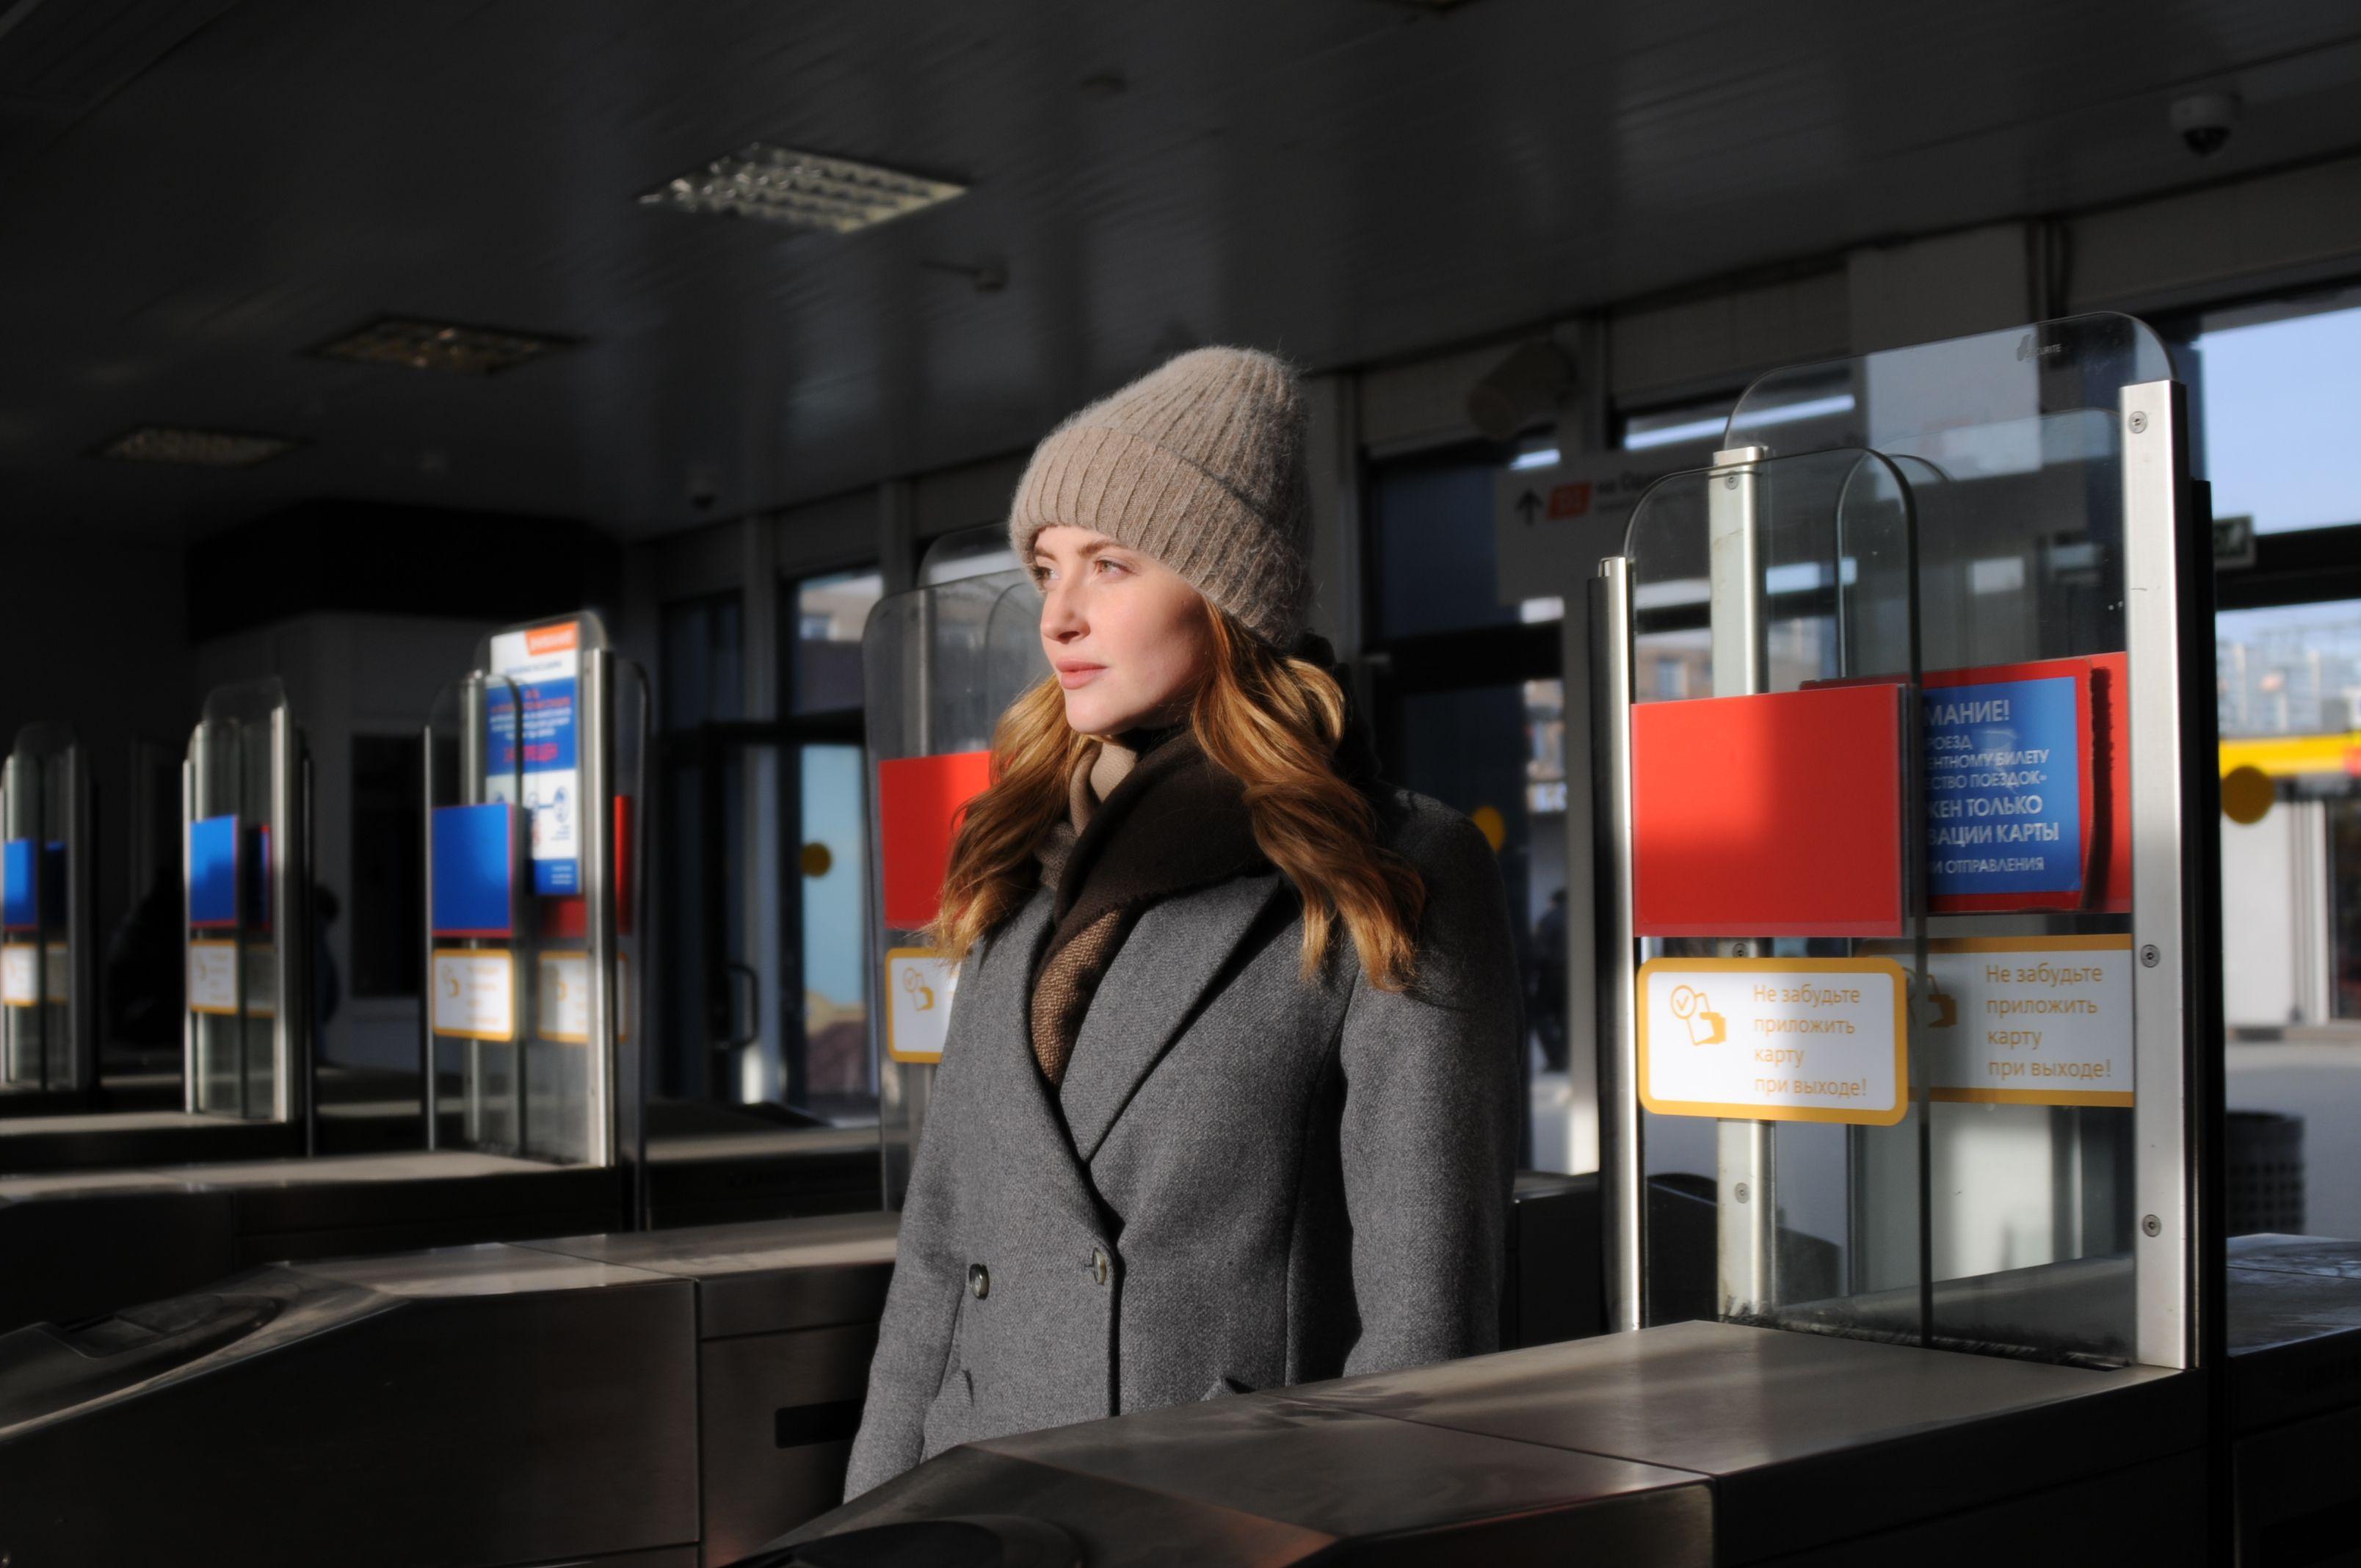 Москвичей уведомят о бесплатном МЦД с помощью 900 наклеек